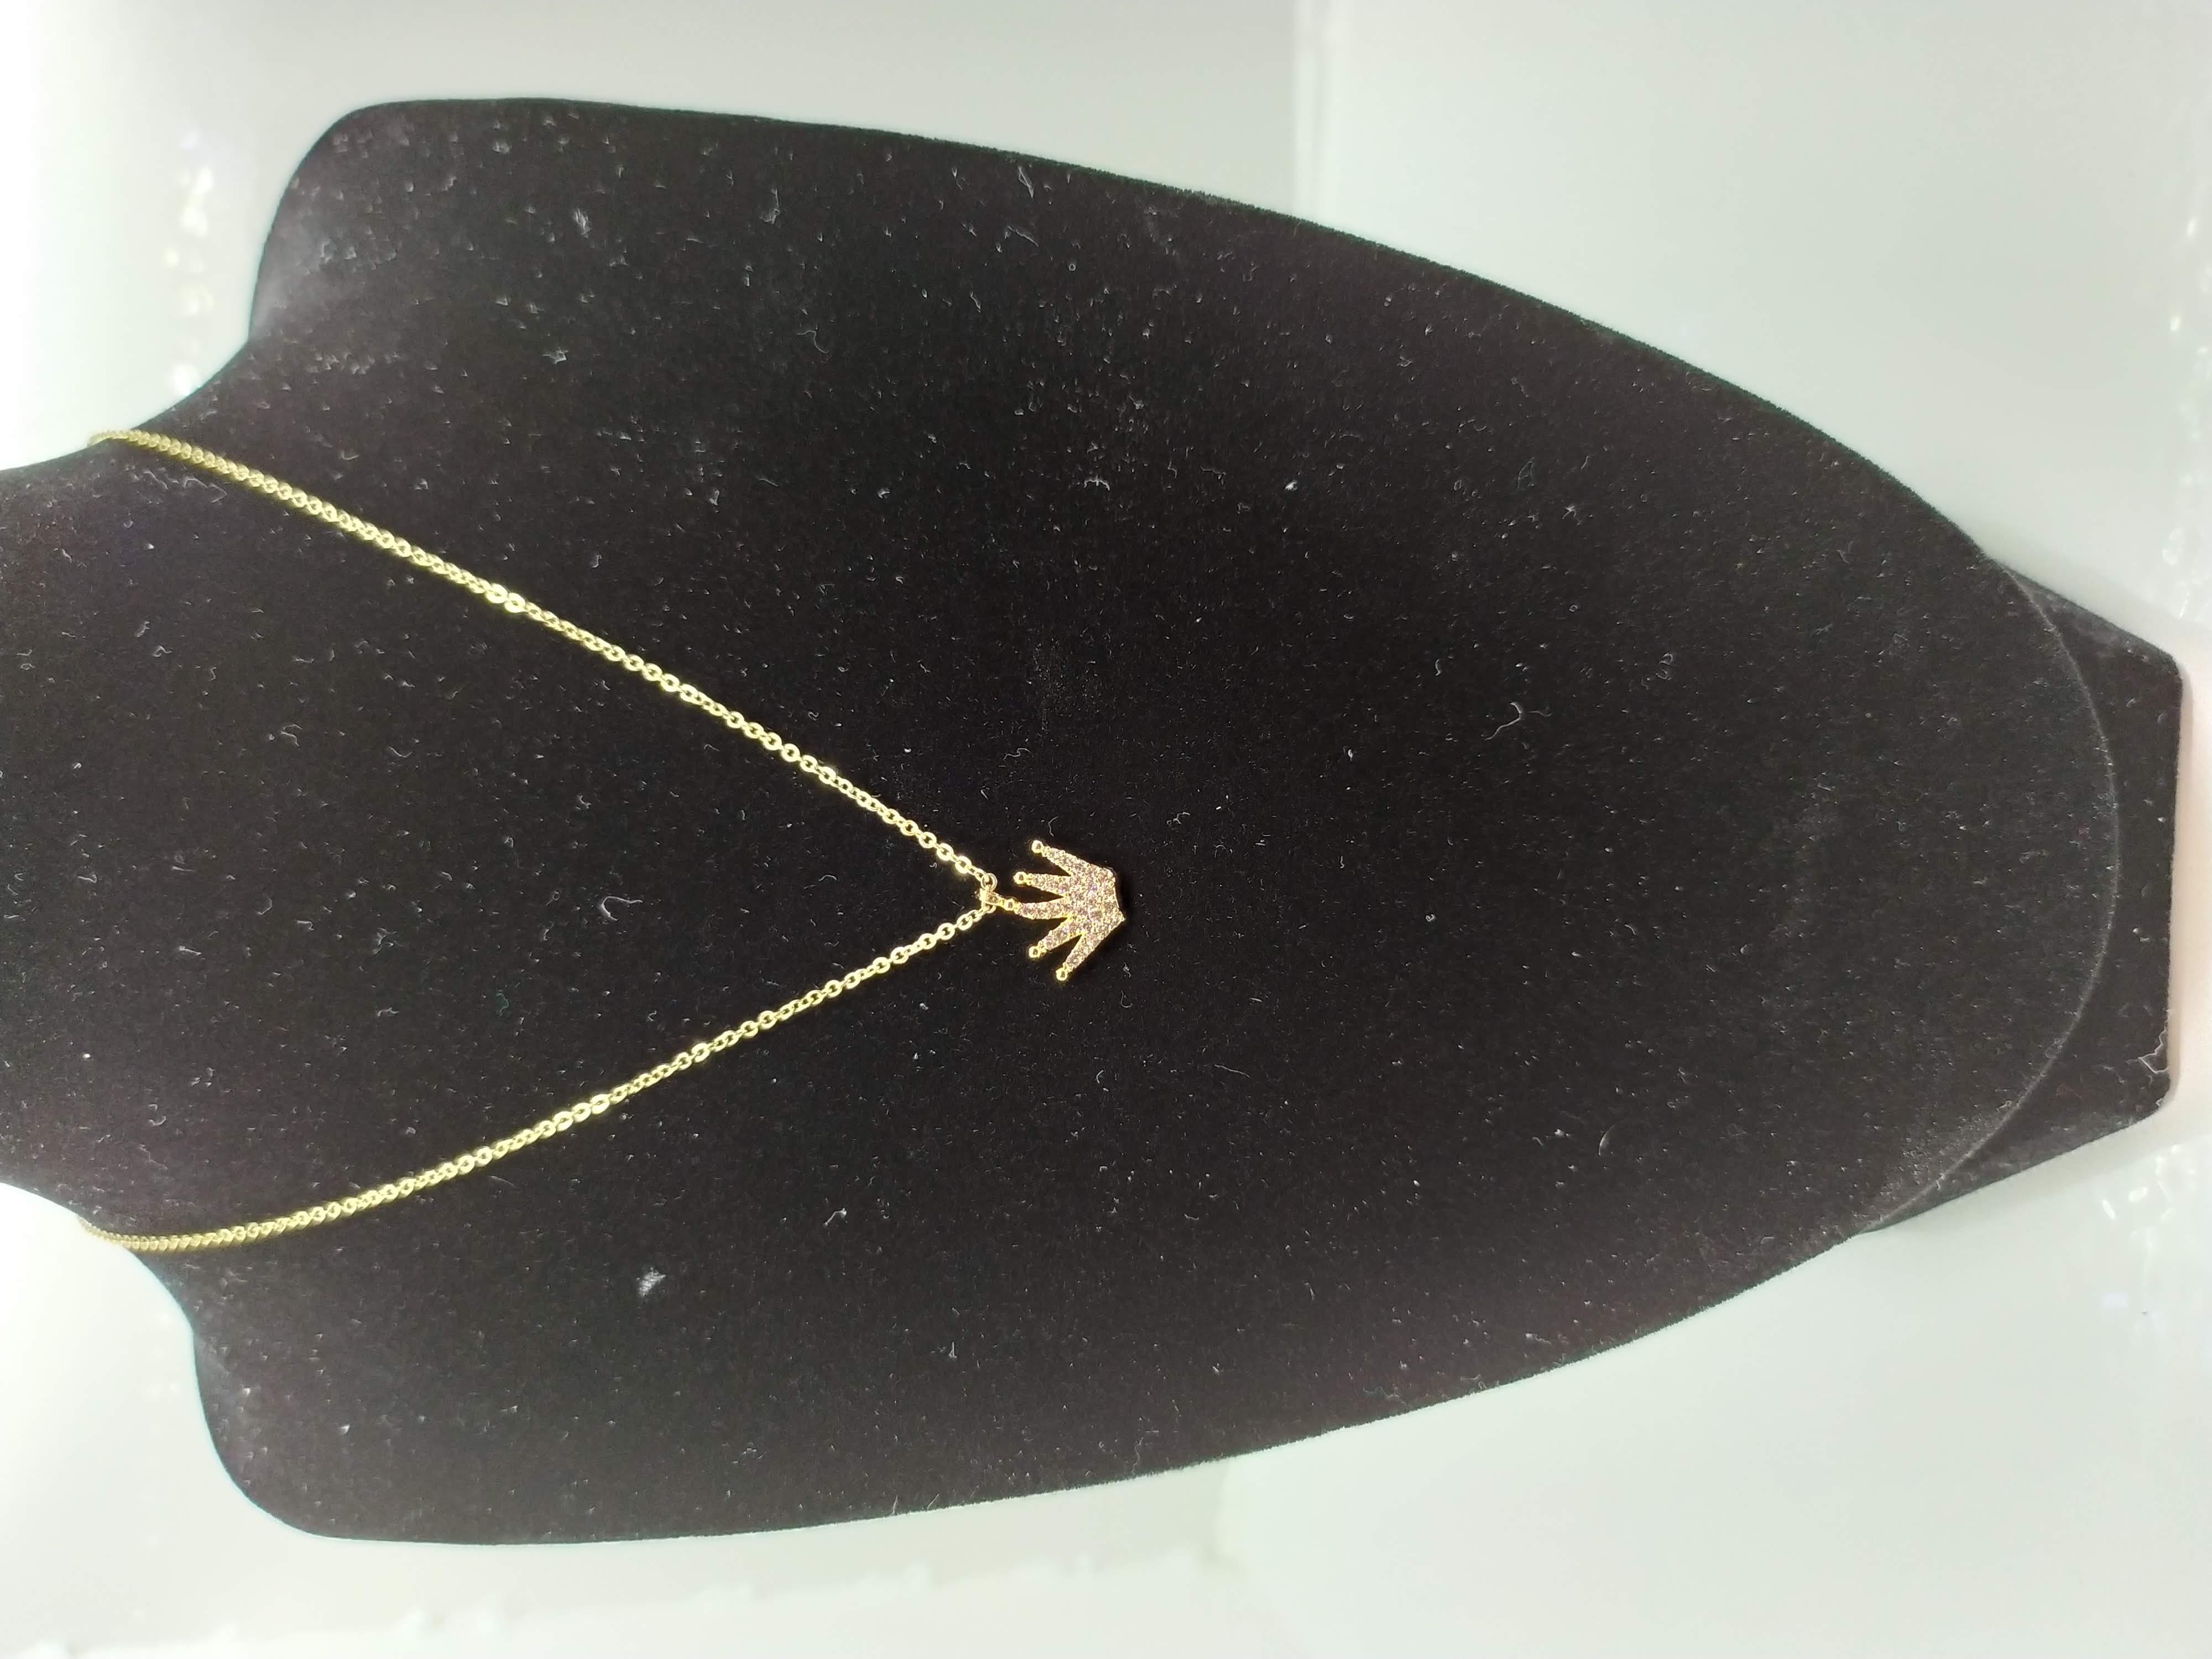 قلادة مطلية بالذهب مع الزركون الممتاز. لا يسبب الحساسية ، لا تغميق / Gold plated necklace with premium zircon. does not cause allergies, does not darken_10